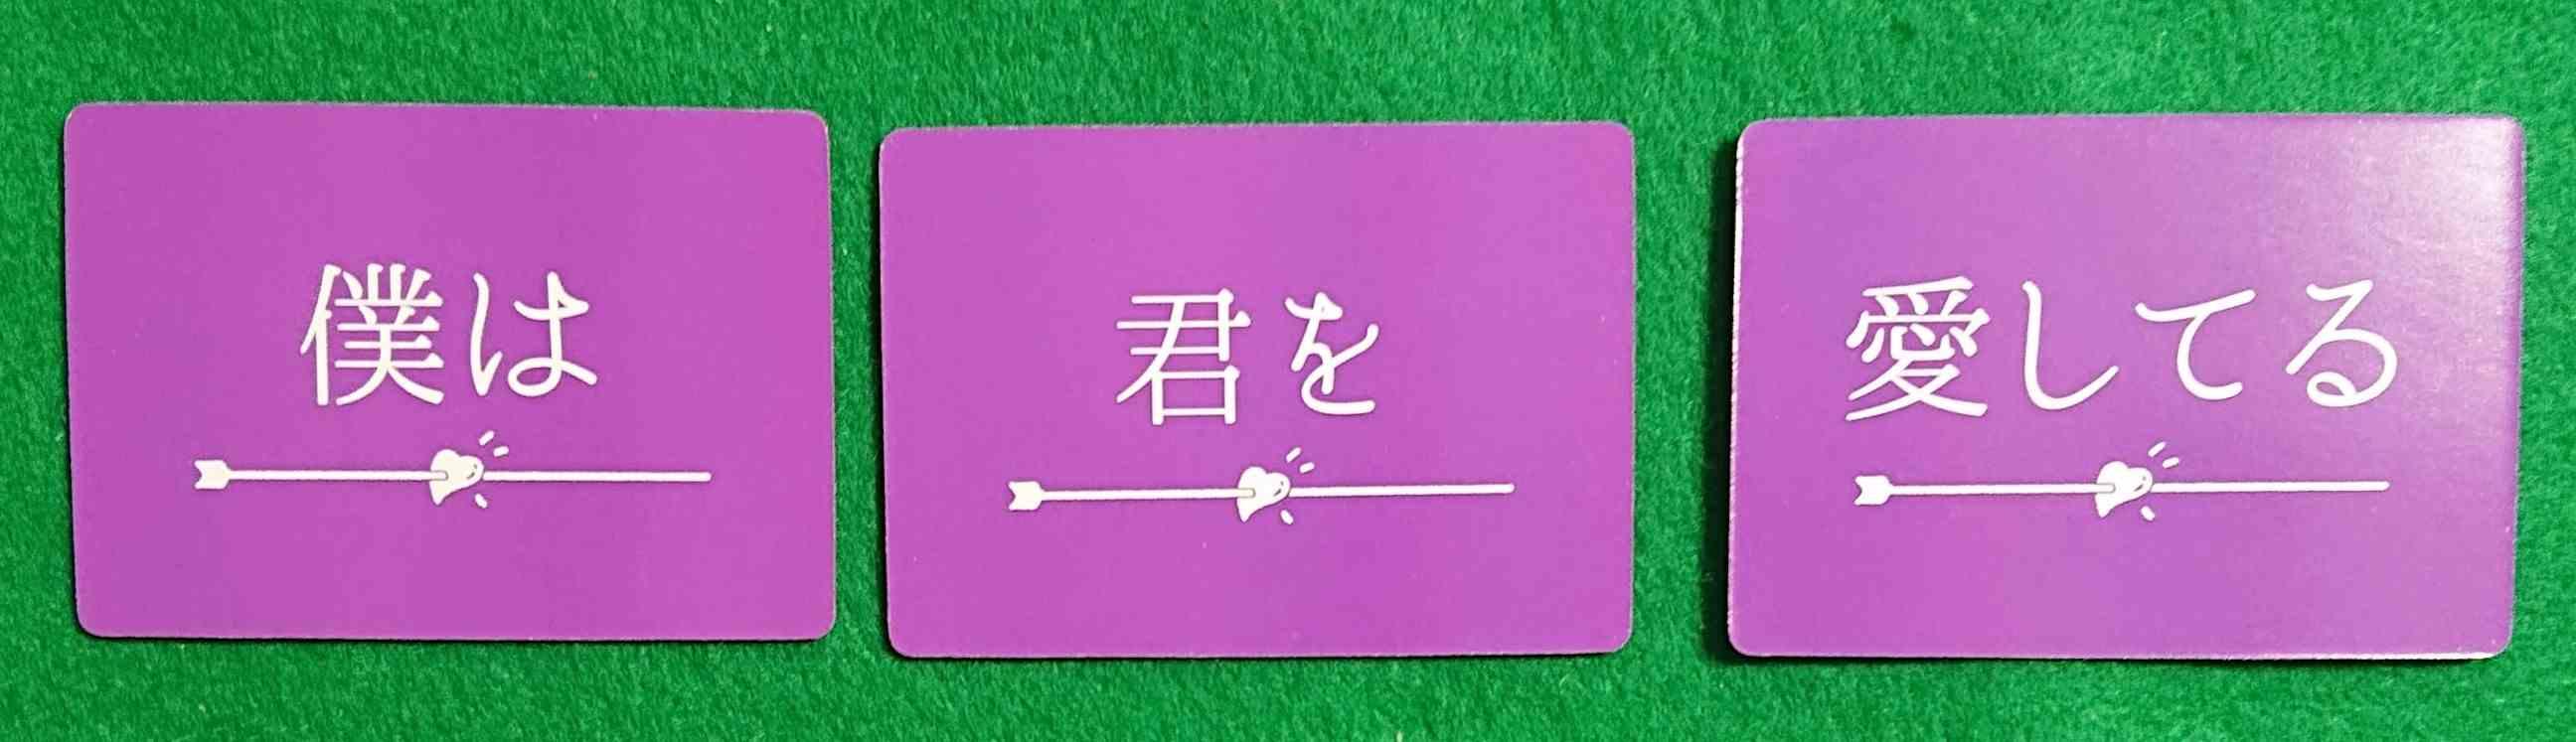 たった今考えたプロポーズの言葉を君に捧ぐよ お勧めパーティゲーム カードゲーム ボードゲーム